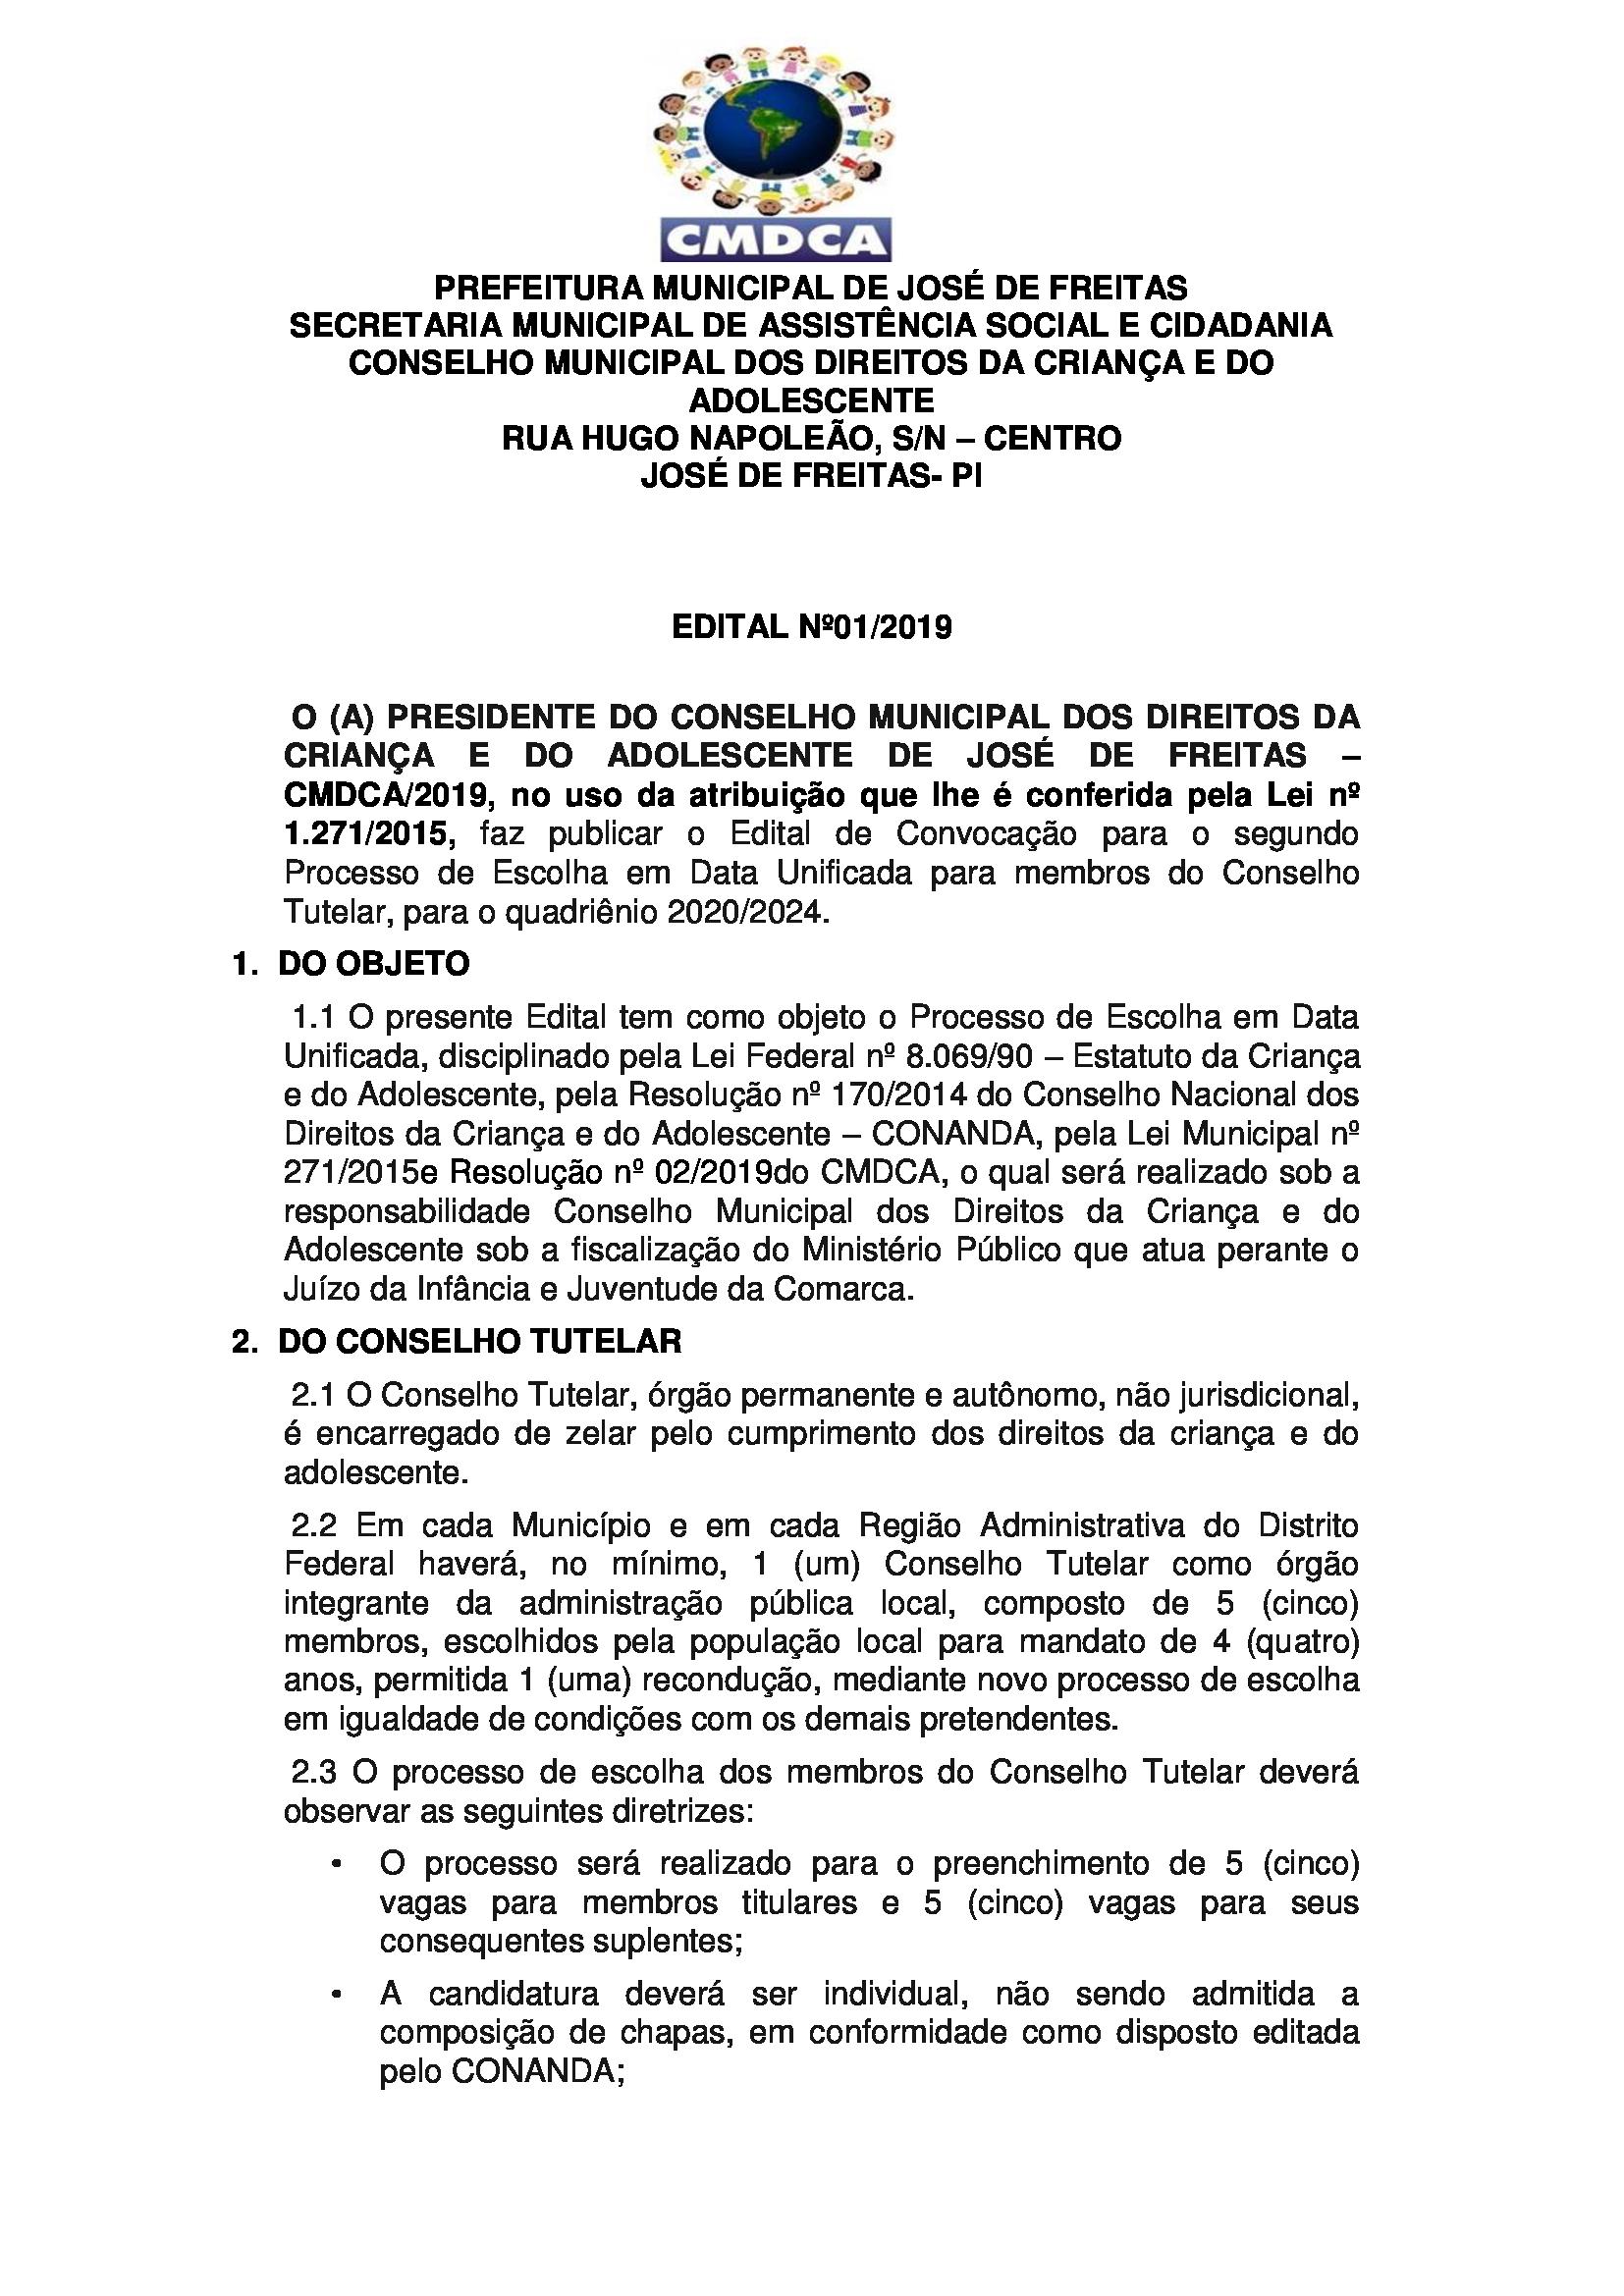 Edital de Convocação para eleição do Conselho Tutelar é lançado em José de Freitas